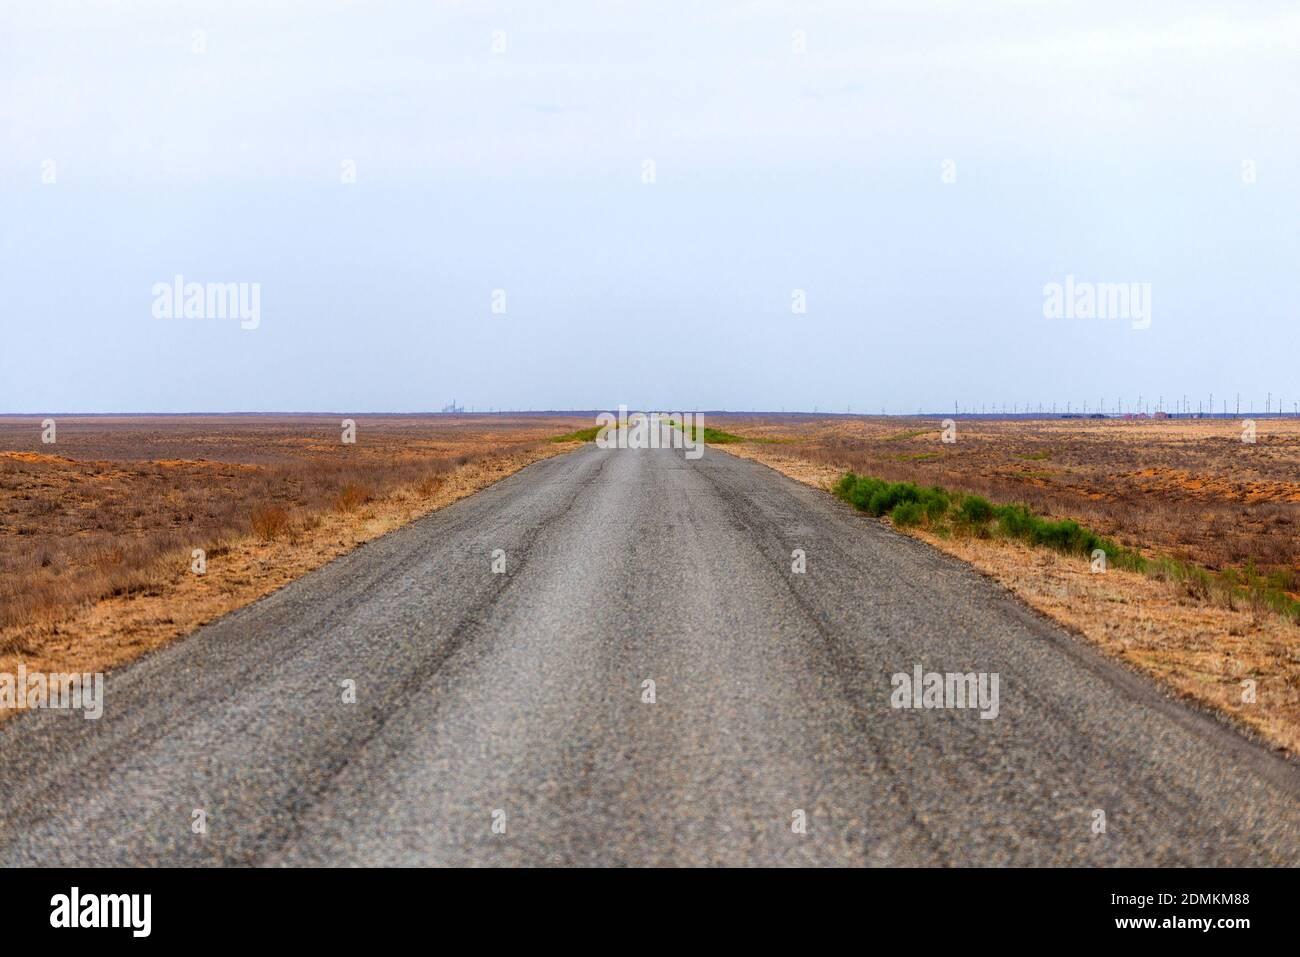 Largo camino que se extiende a la distancia en la estepa. Foto de stock